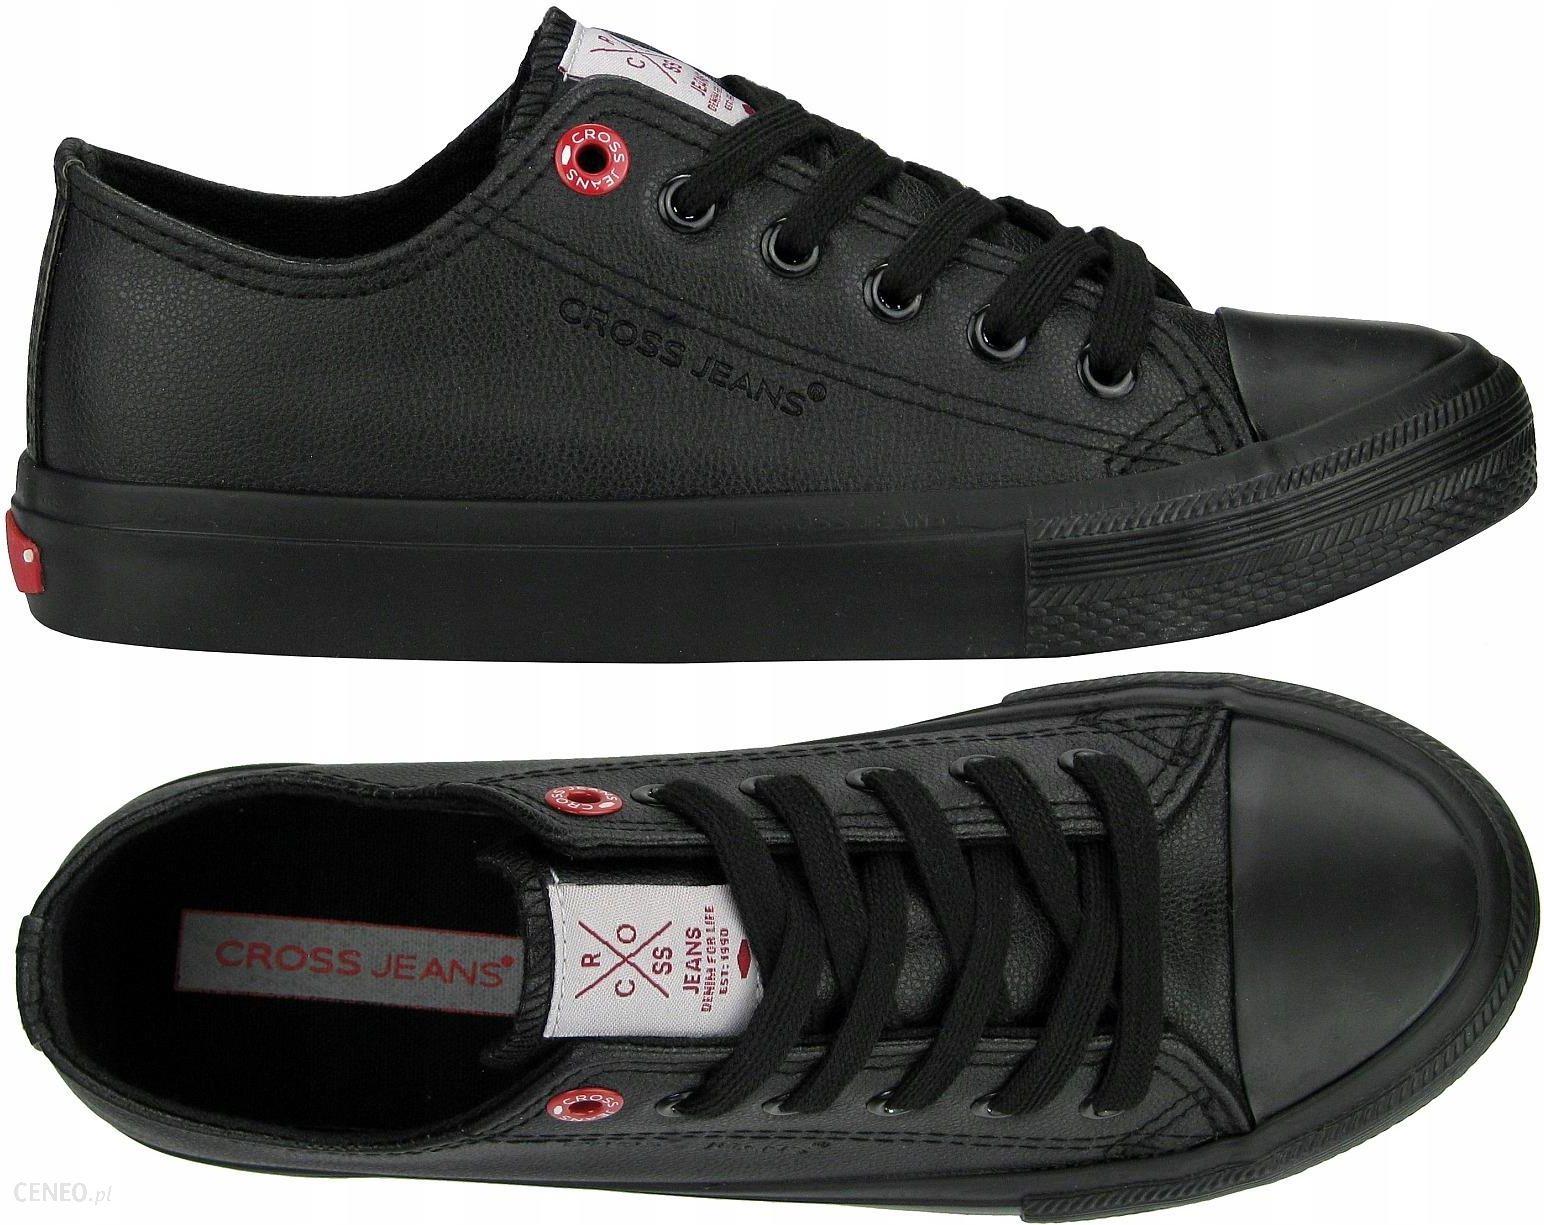 Trampki damskie buty Cross Jeans DD2R4029 38 Ceny i opinie Ceneo.pl